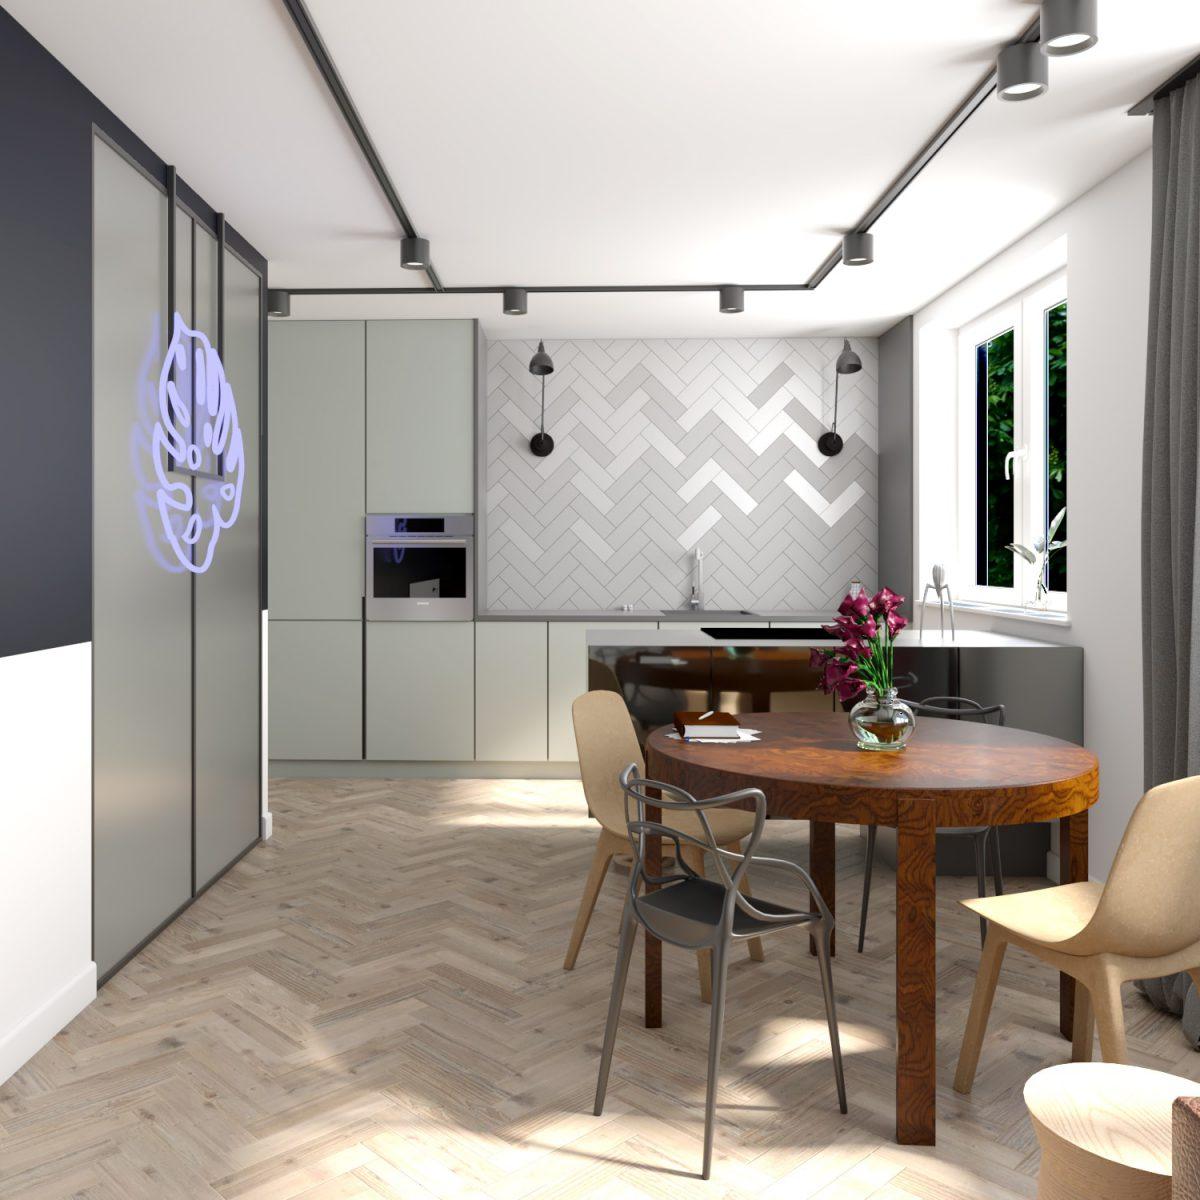 Renowacja mebli w mieszkaniu jednorodzinnym